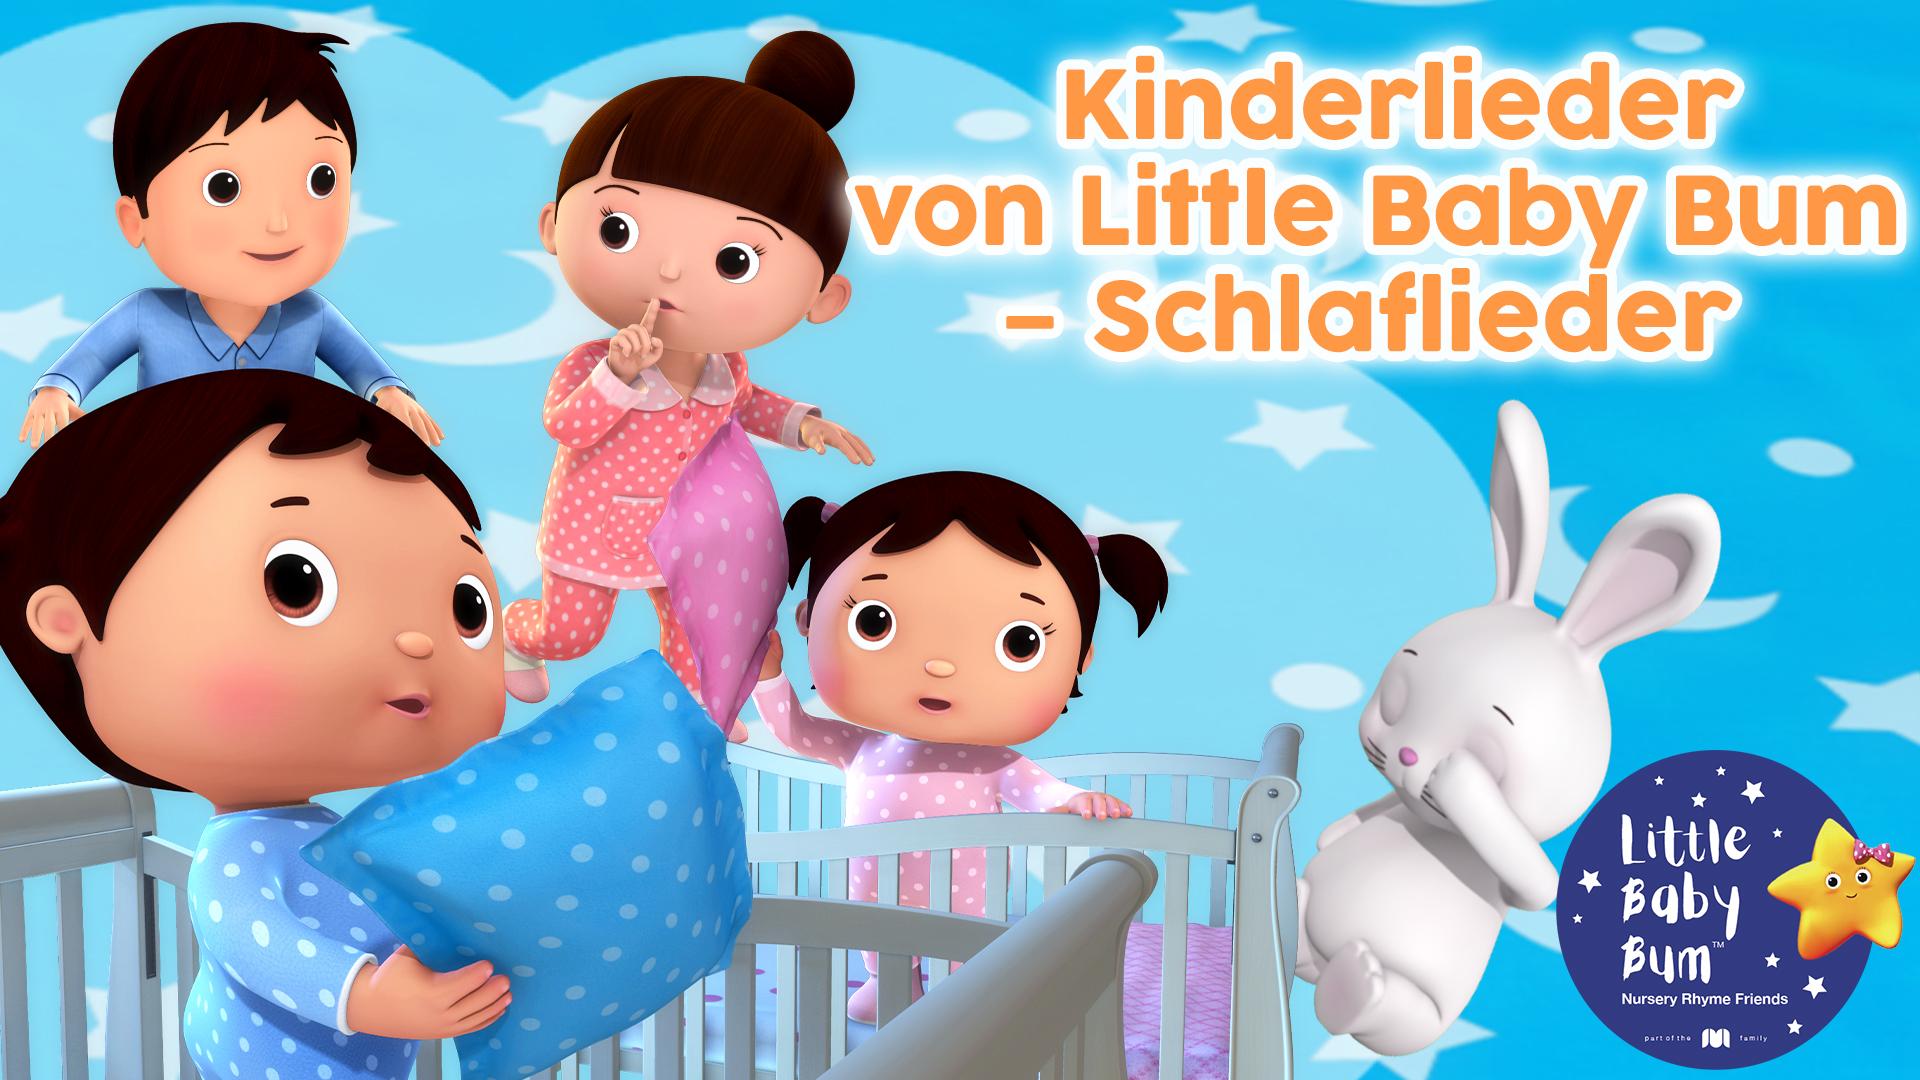 Kinderlieder von Little Baby Bum - Schlaflieder